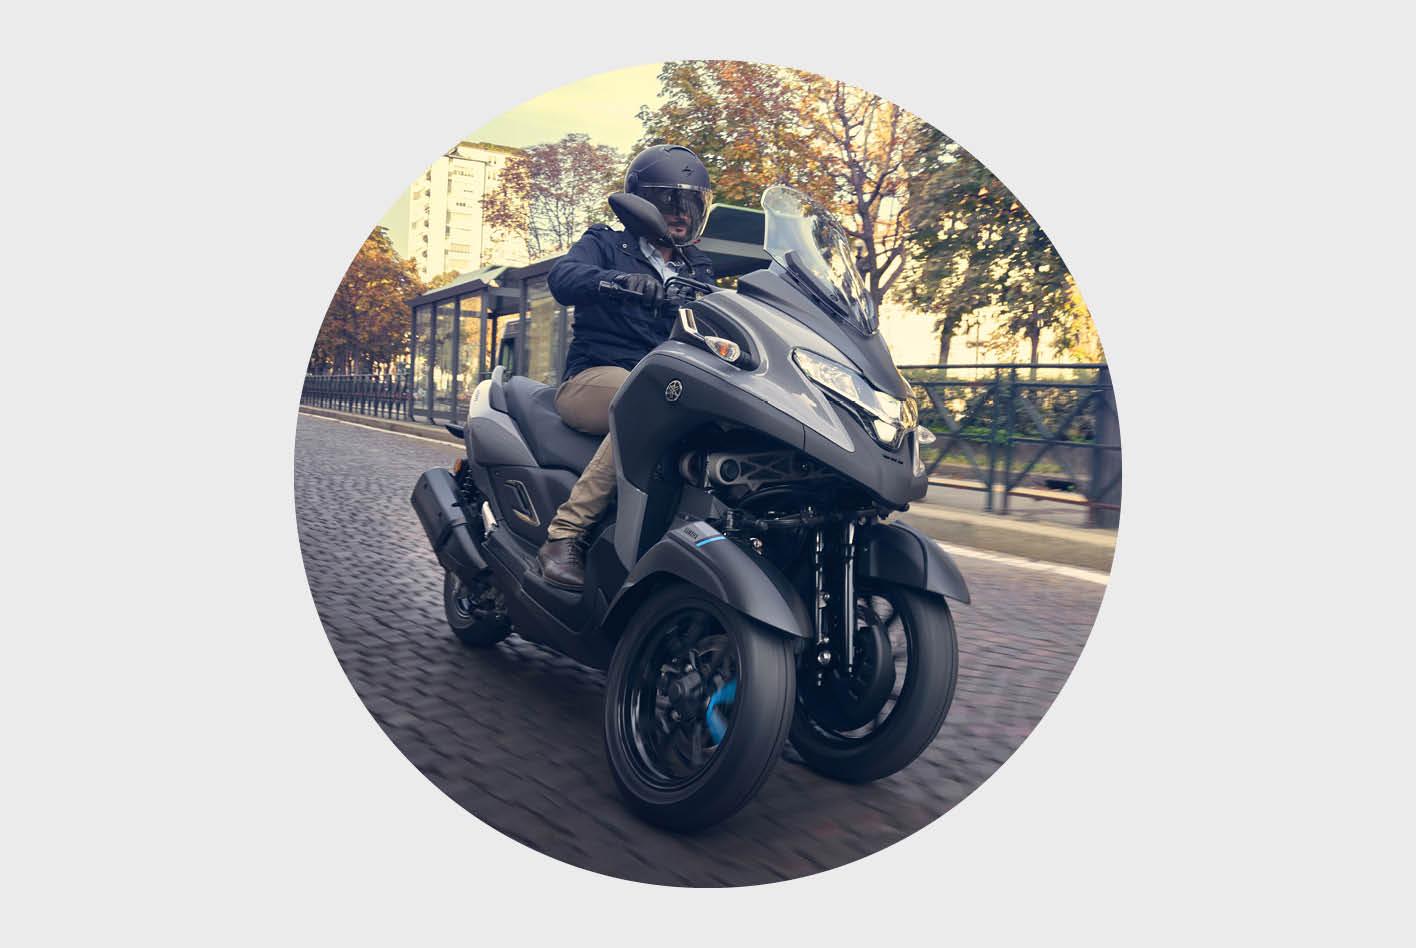 Dreirad-Roller im Vergleich: der Yamaha Tricity.